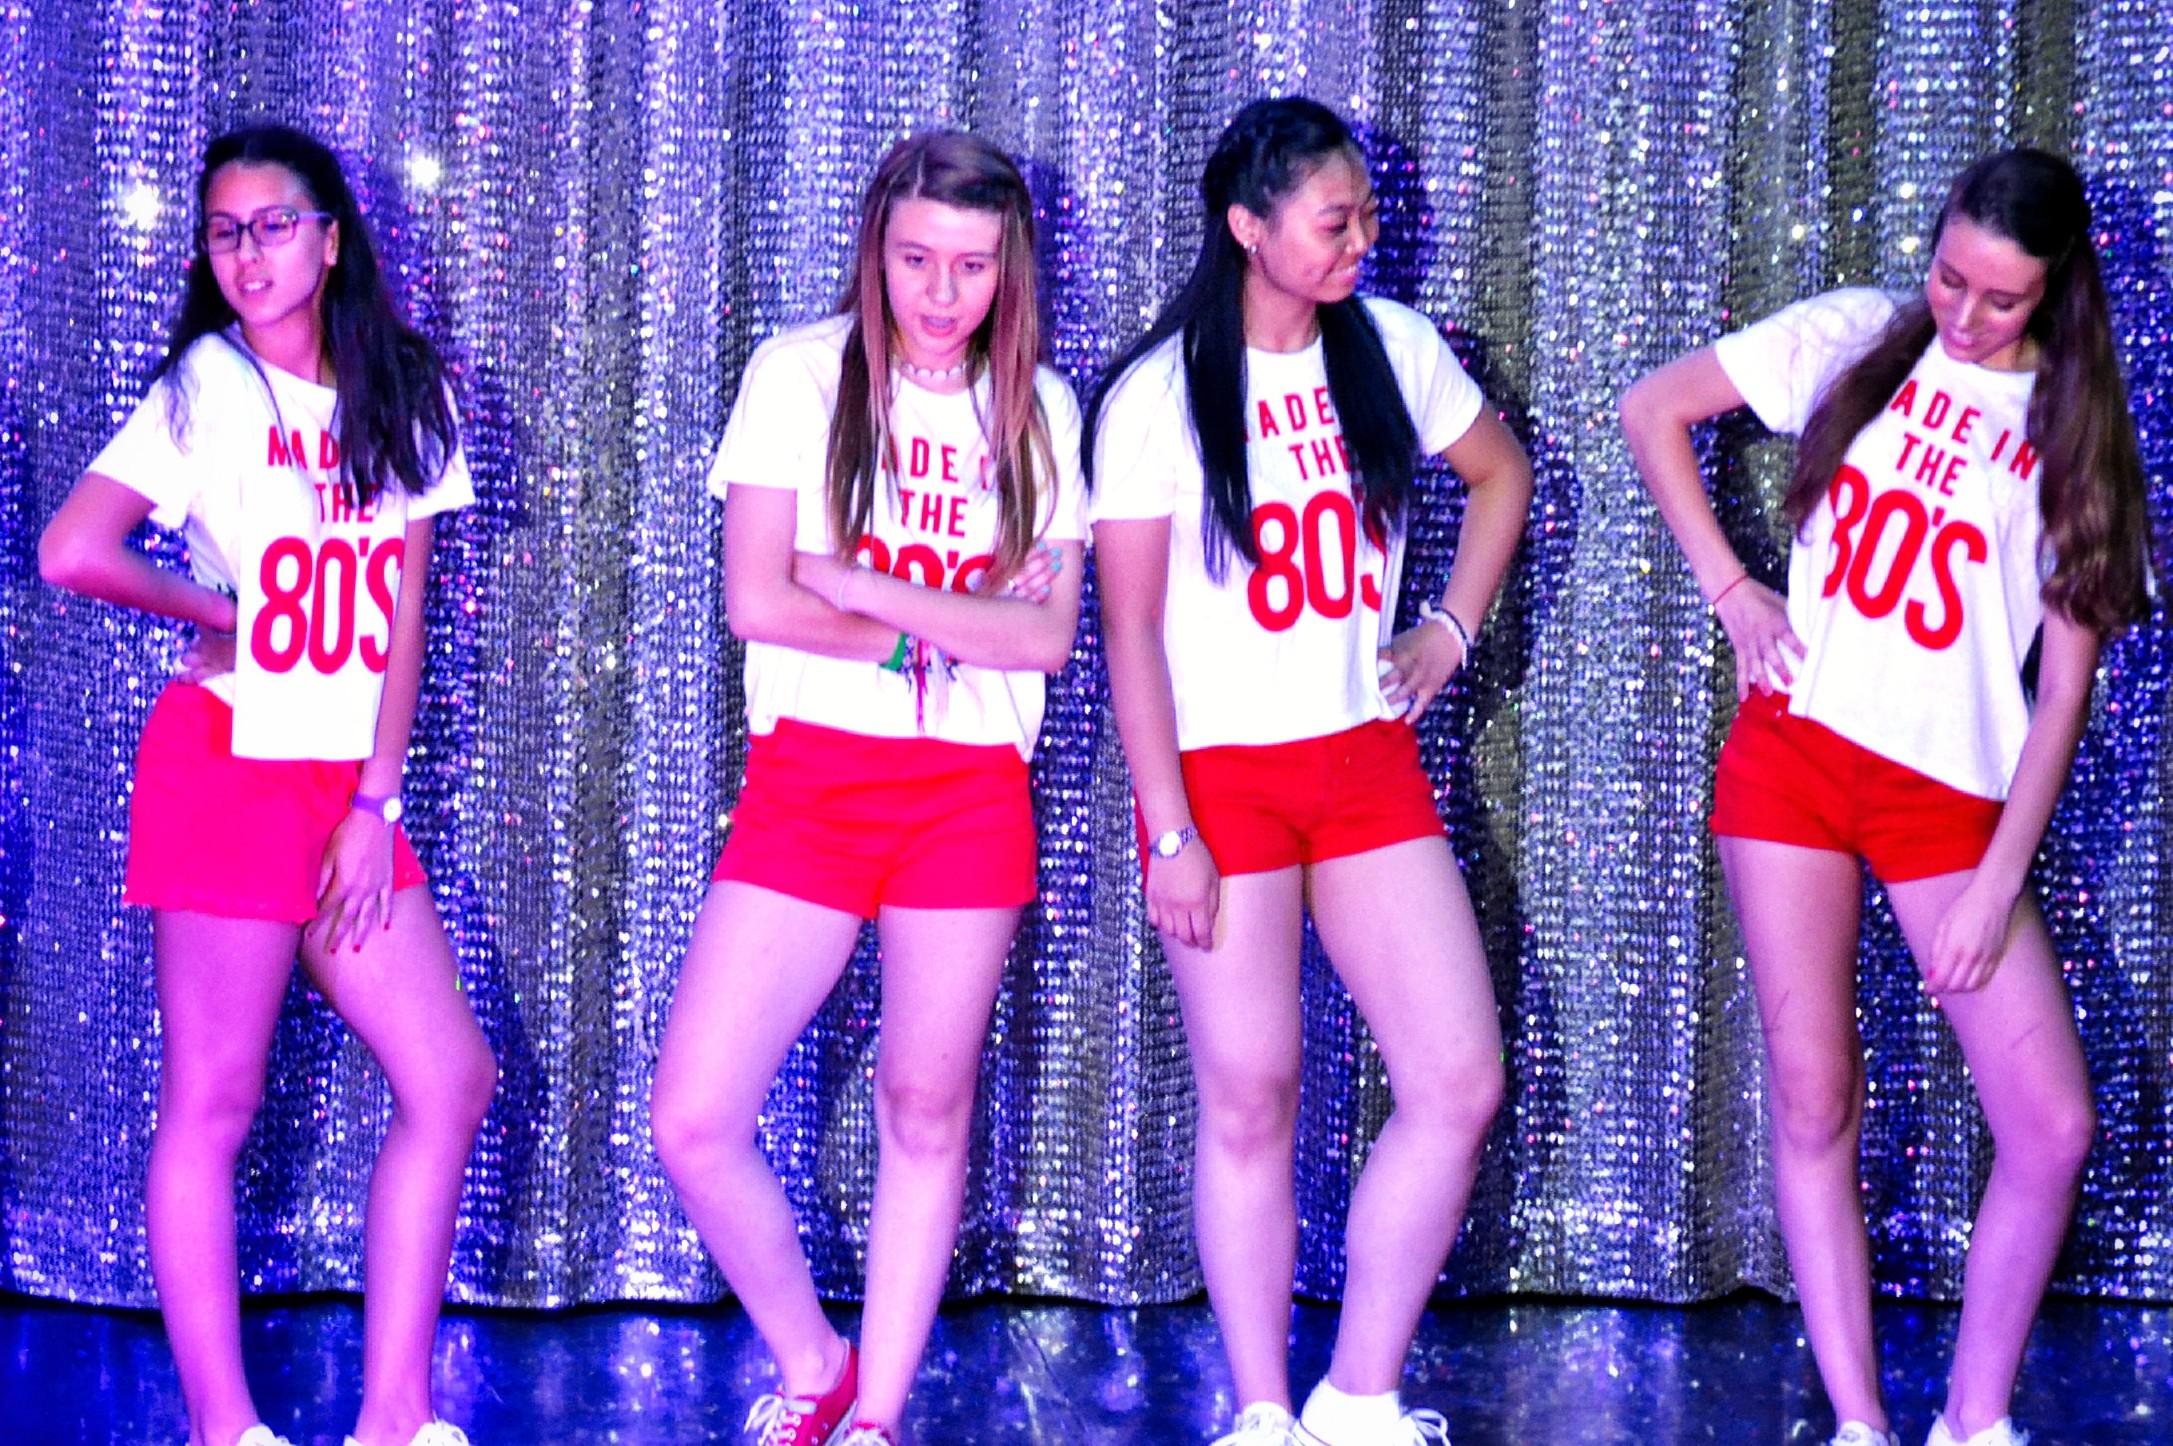 Linea-de-Baile-festival-verano-2015-clases-de-baile-valencia-27